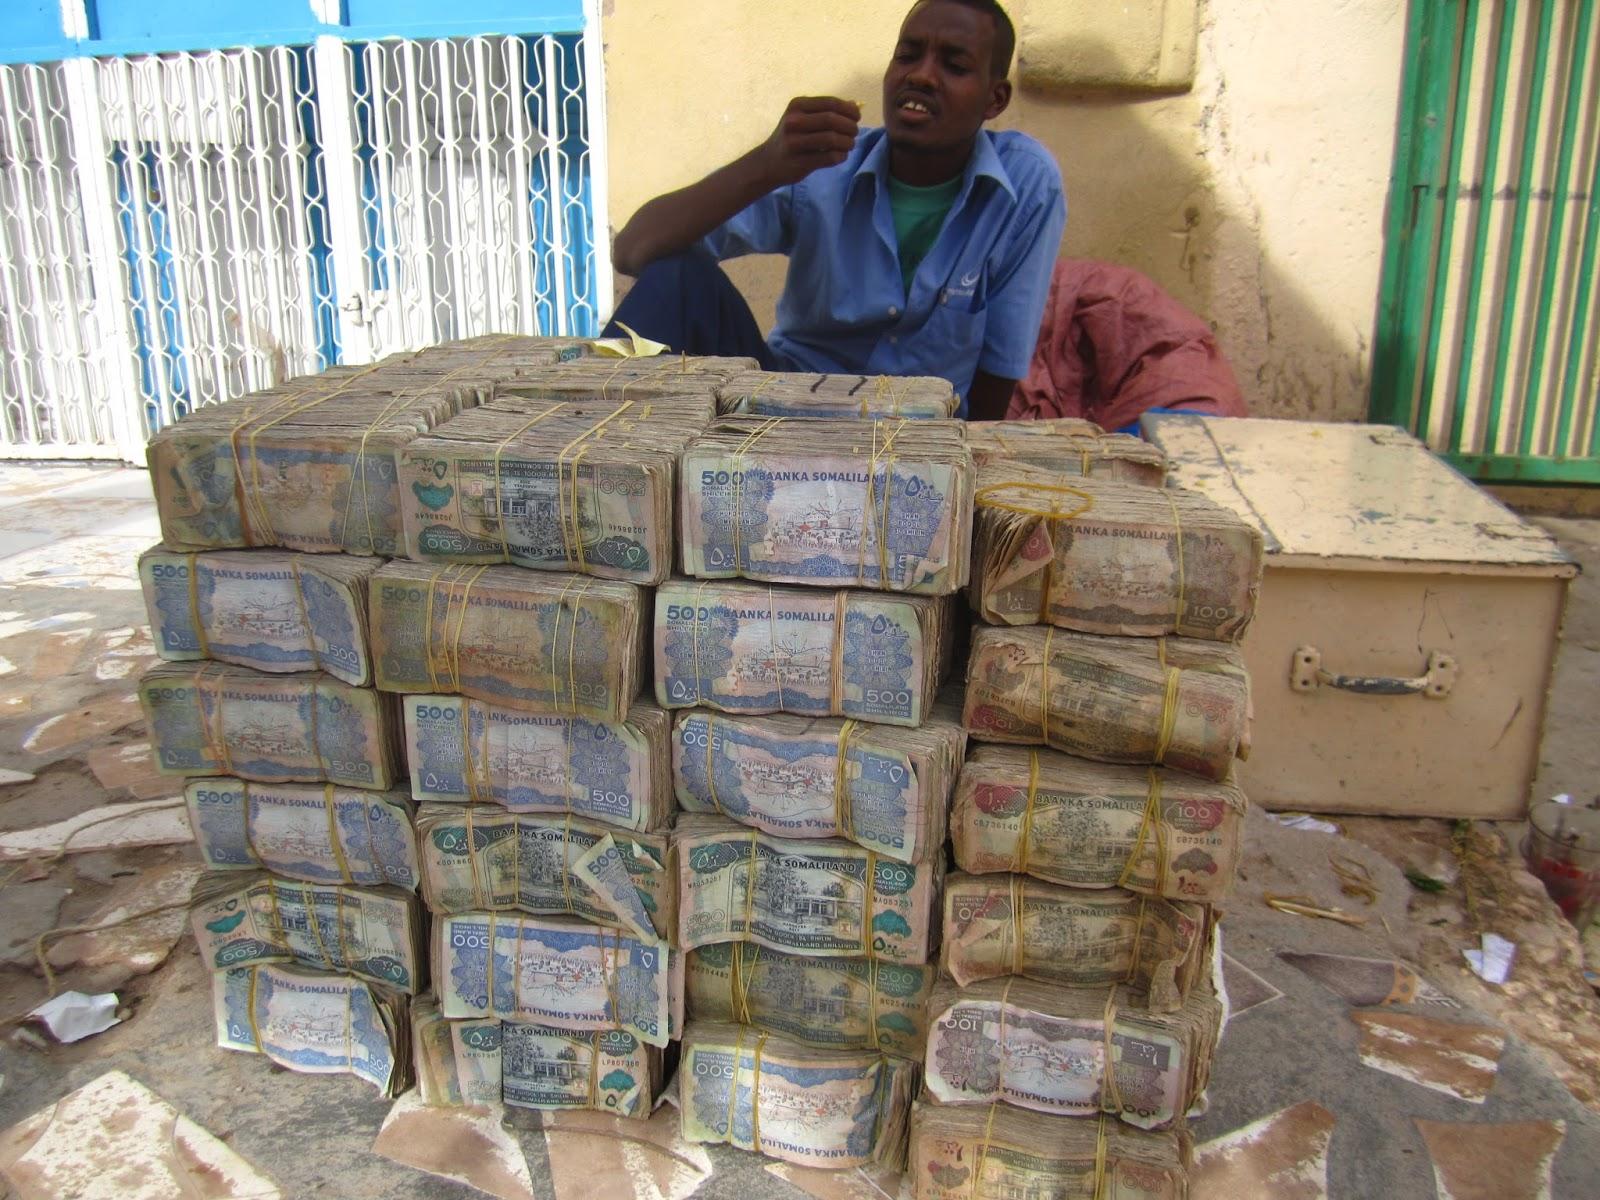 ในตอนนี้ประชาชนที่ร่ำรวยเงินมากที่สุดยังไช่ ซิมบัพเว อยู่หรือป่าว - Pantip